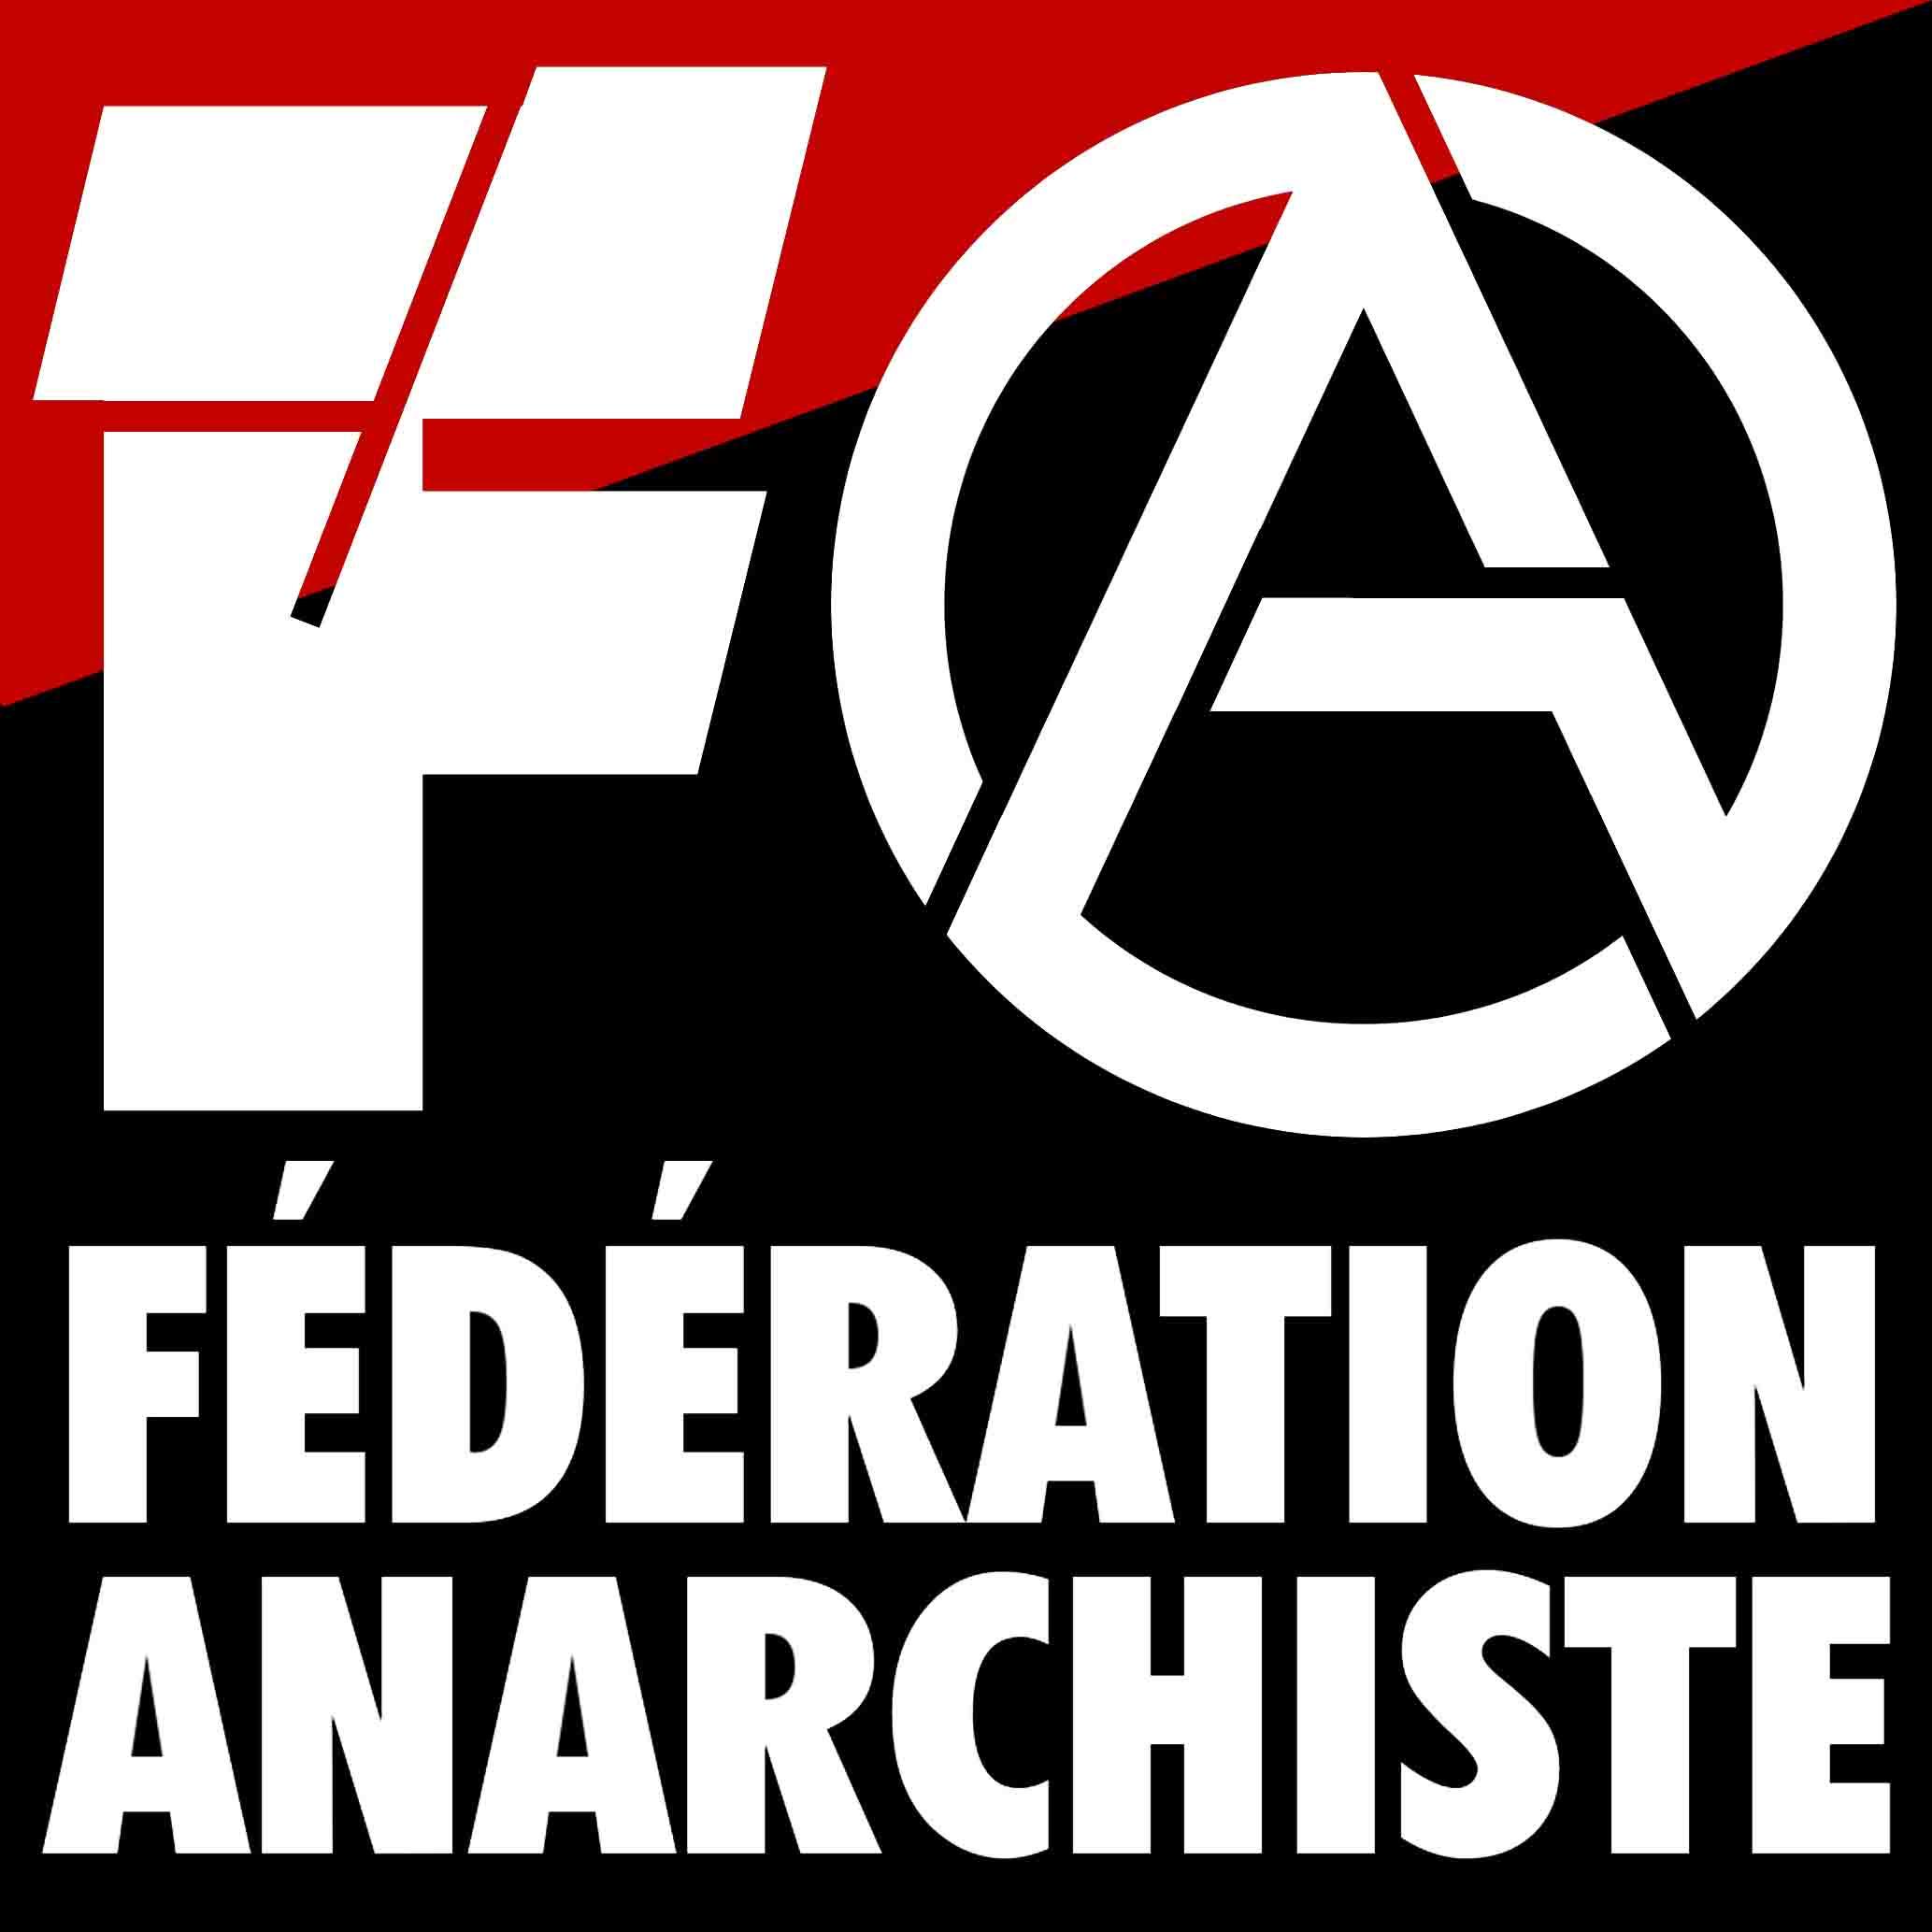 logos/FA_nouv_bis_leger.jpg